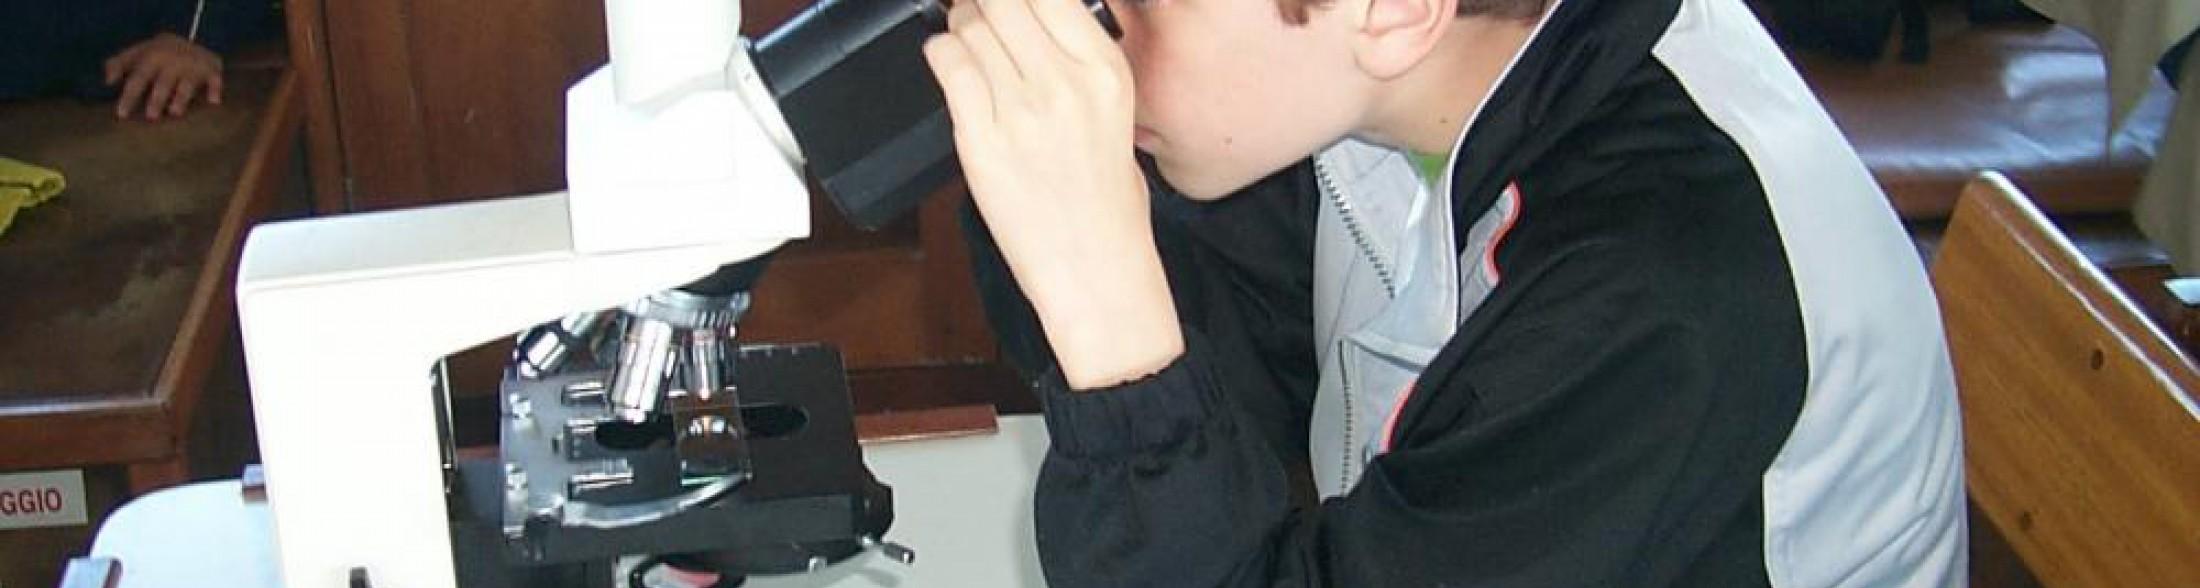 Laboratorio in una goccia: il Plancton